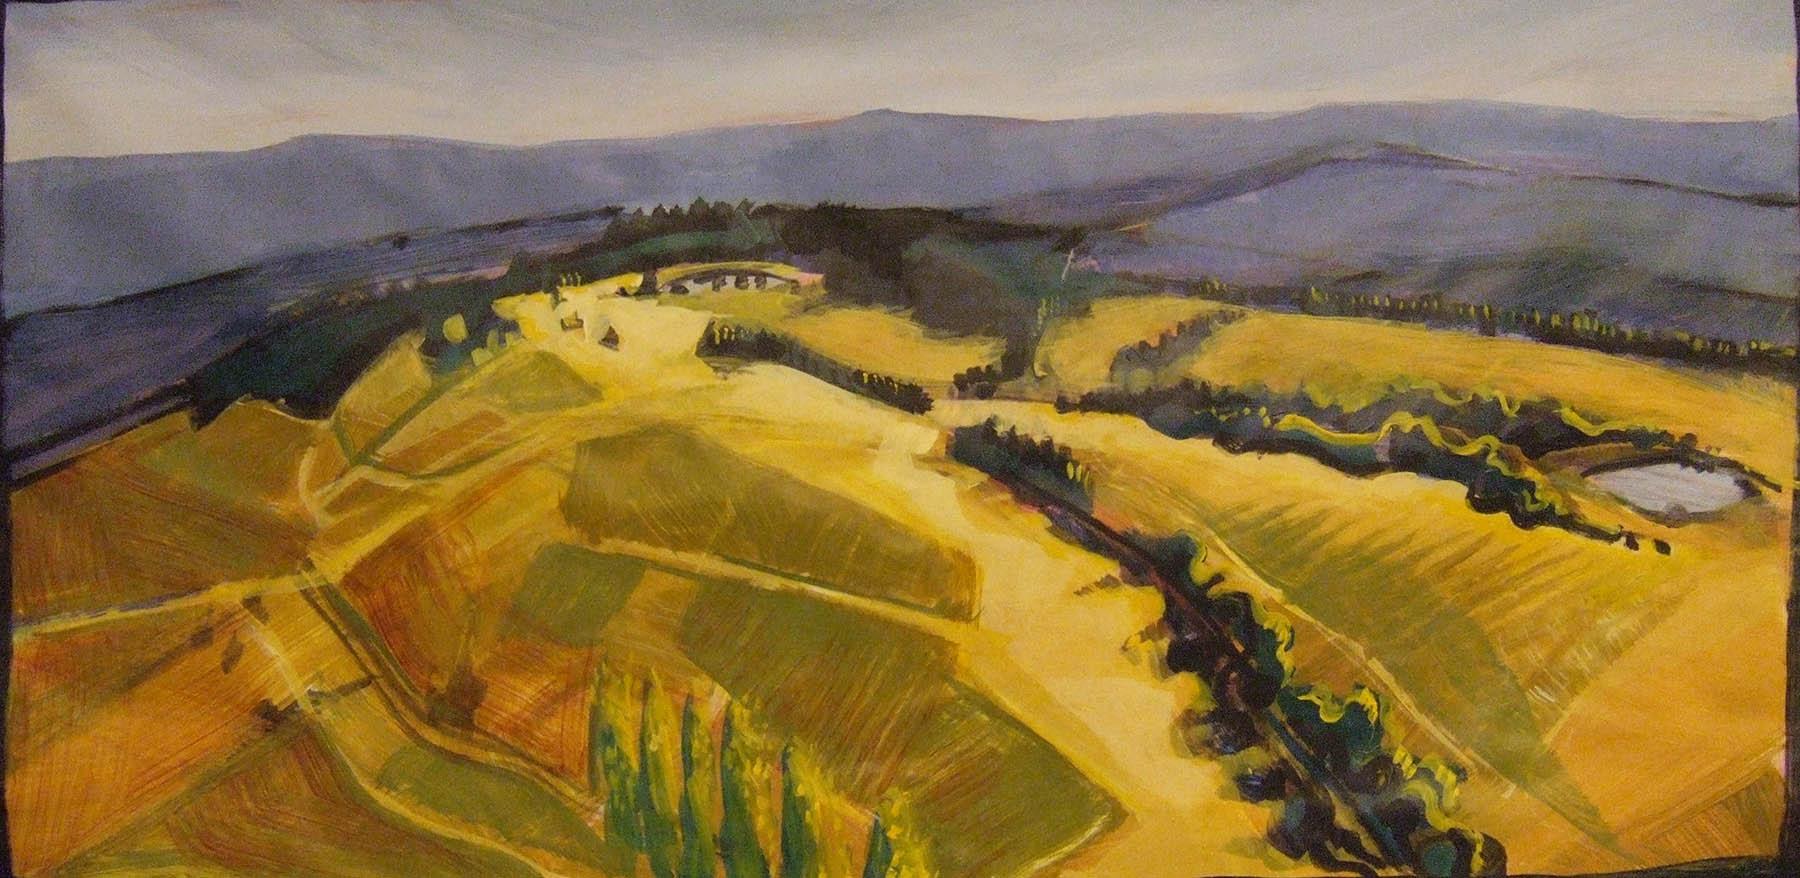 willakenzie-winery-mural.jpg